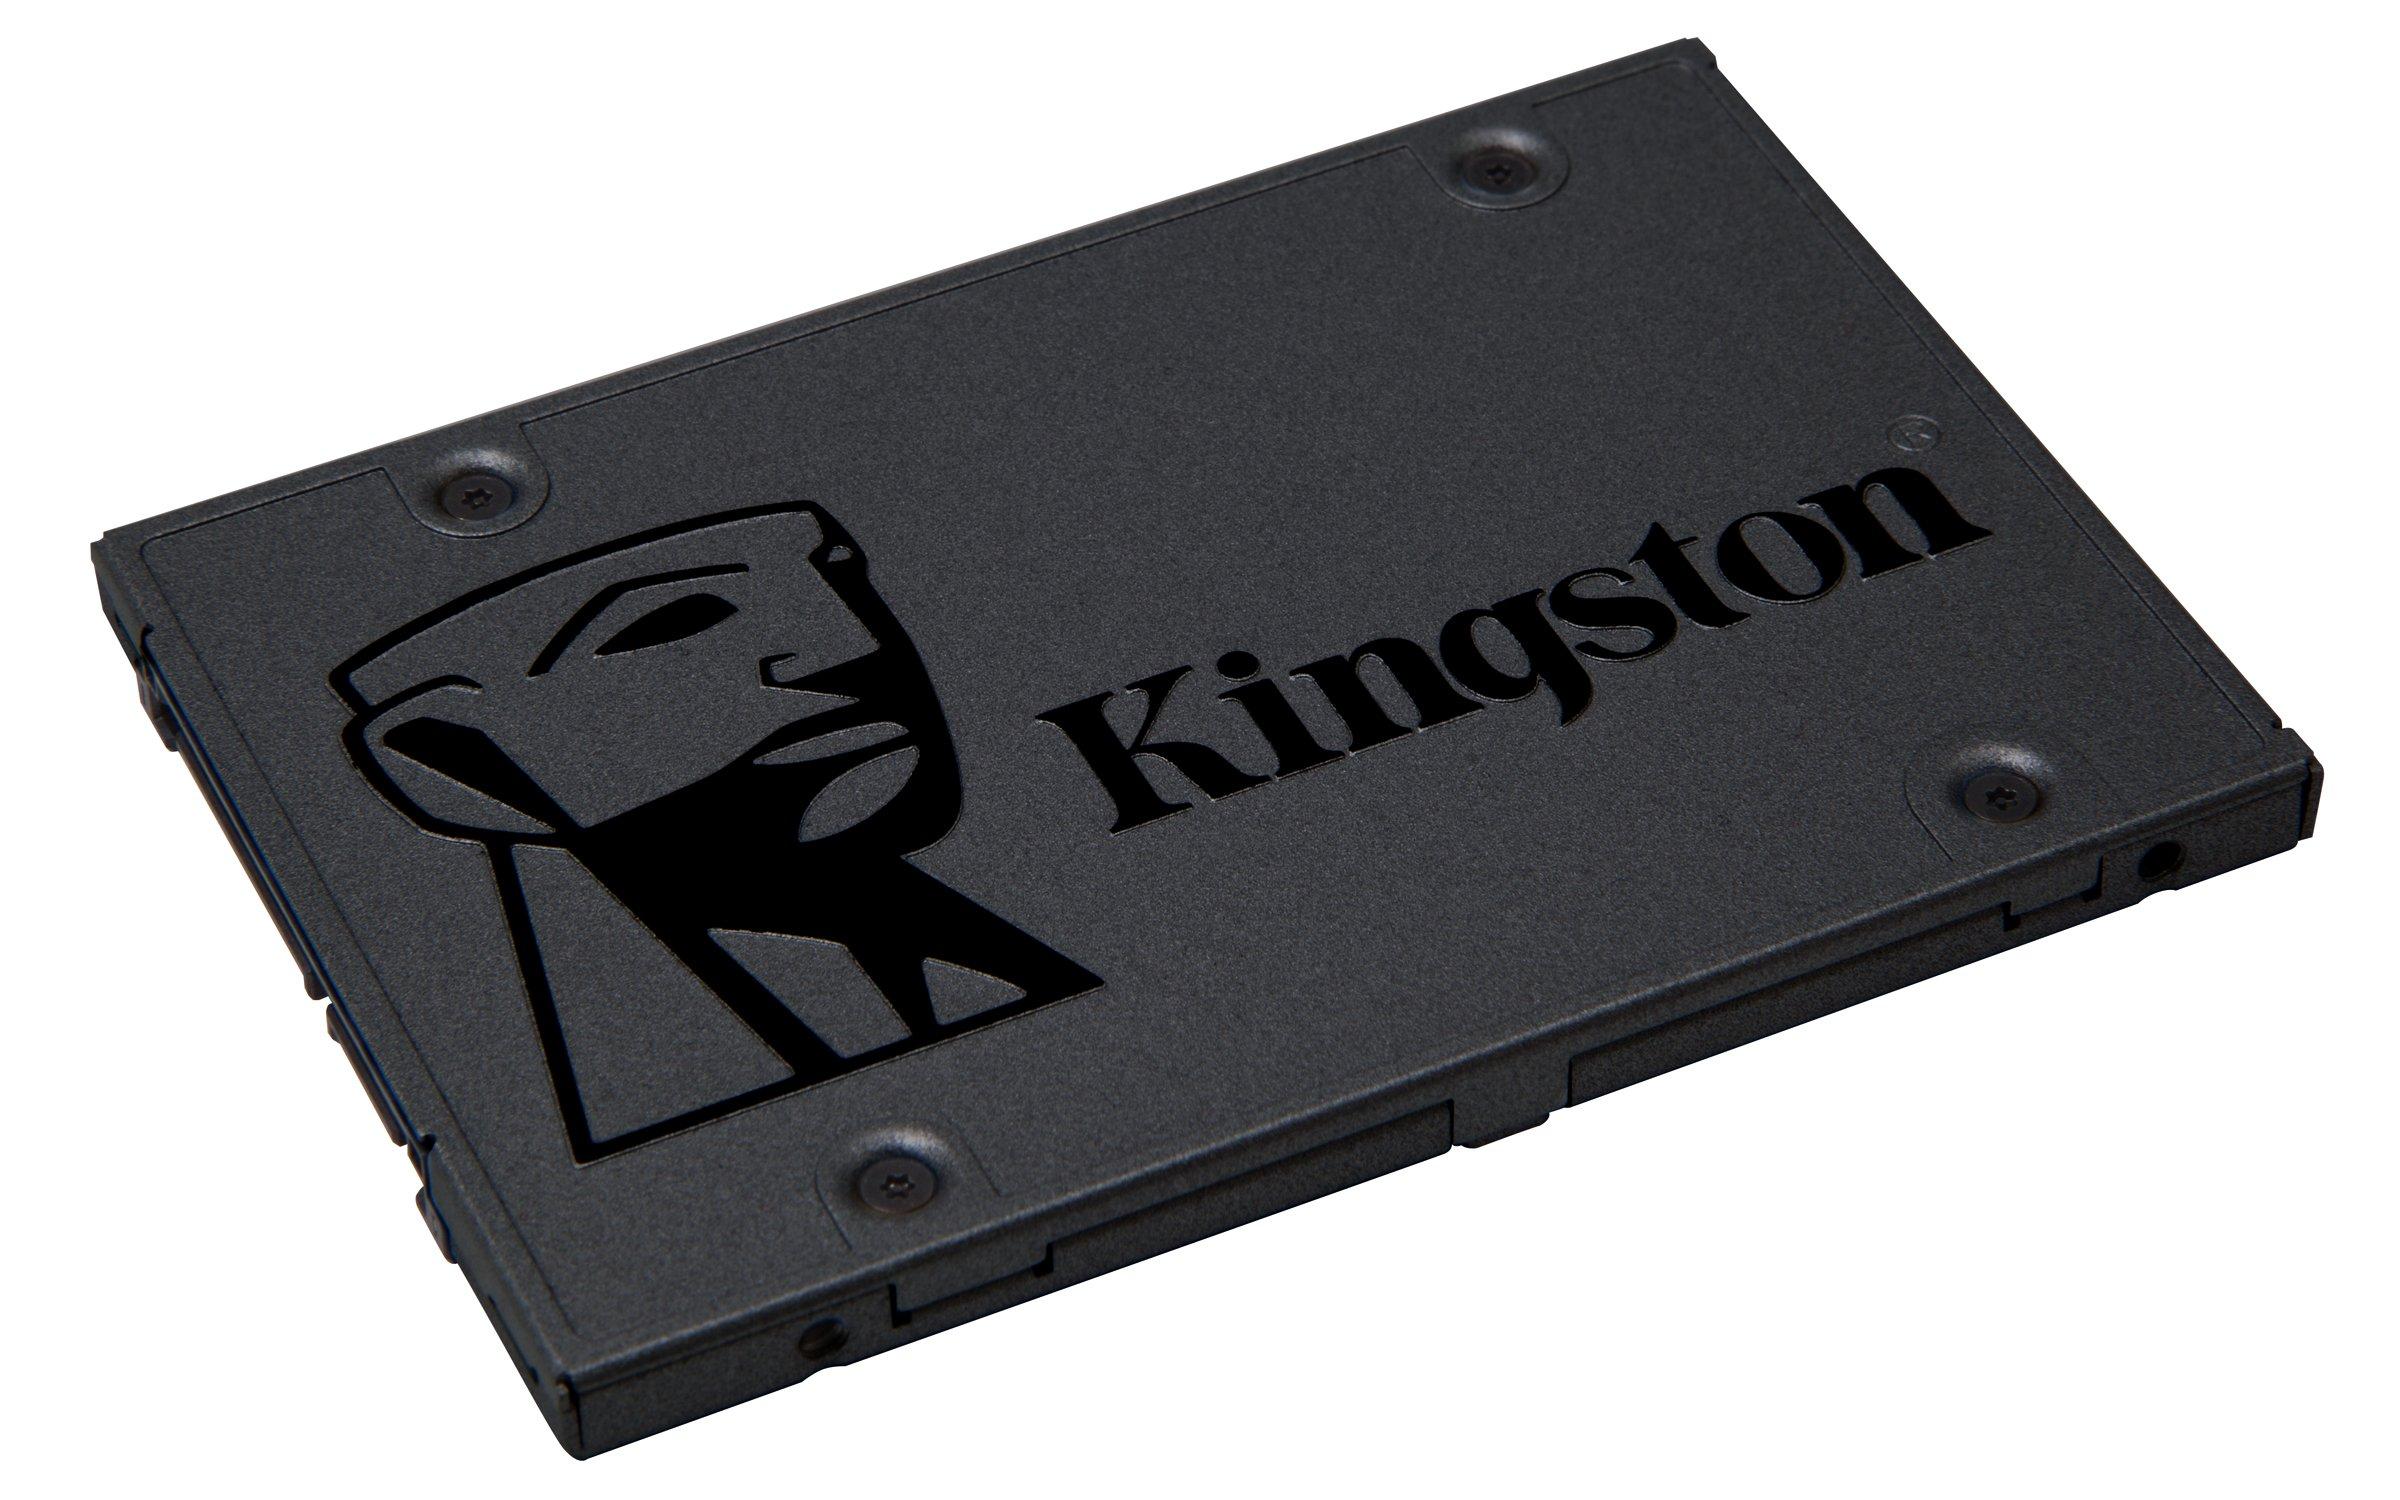 SSD 240GB SATA Kingston 240GB Q500 3 2.5